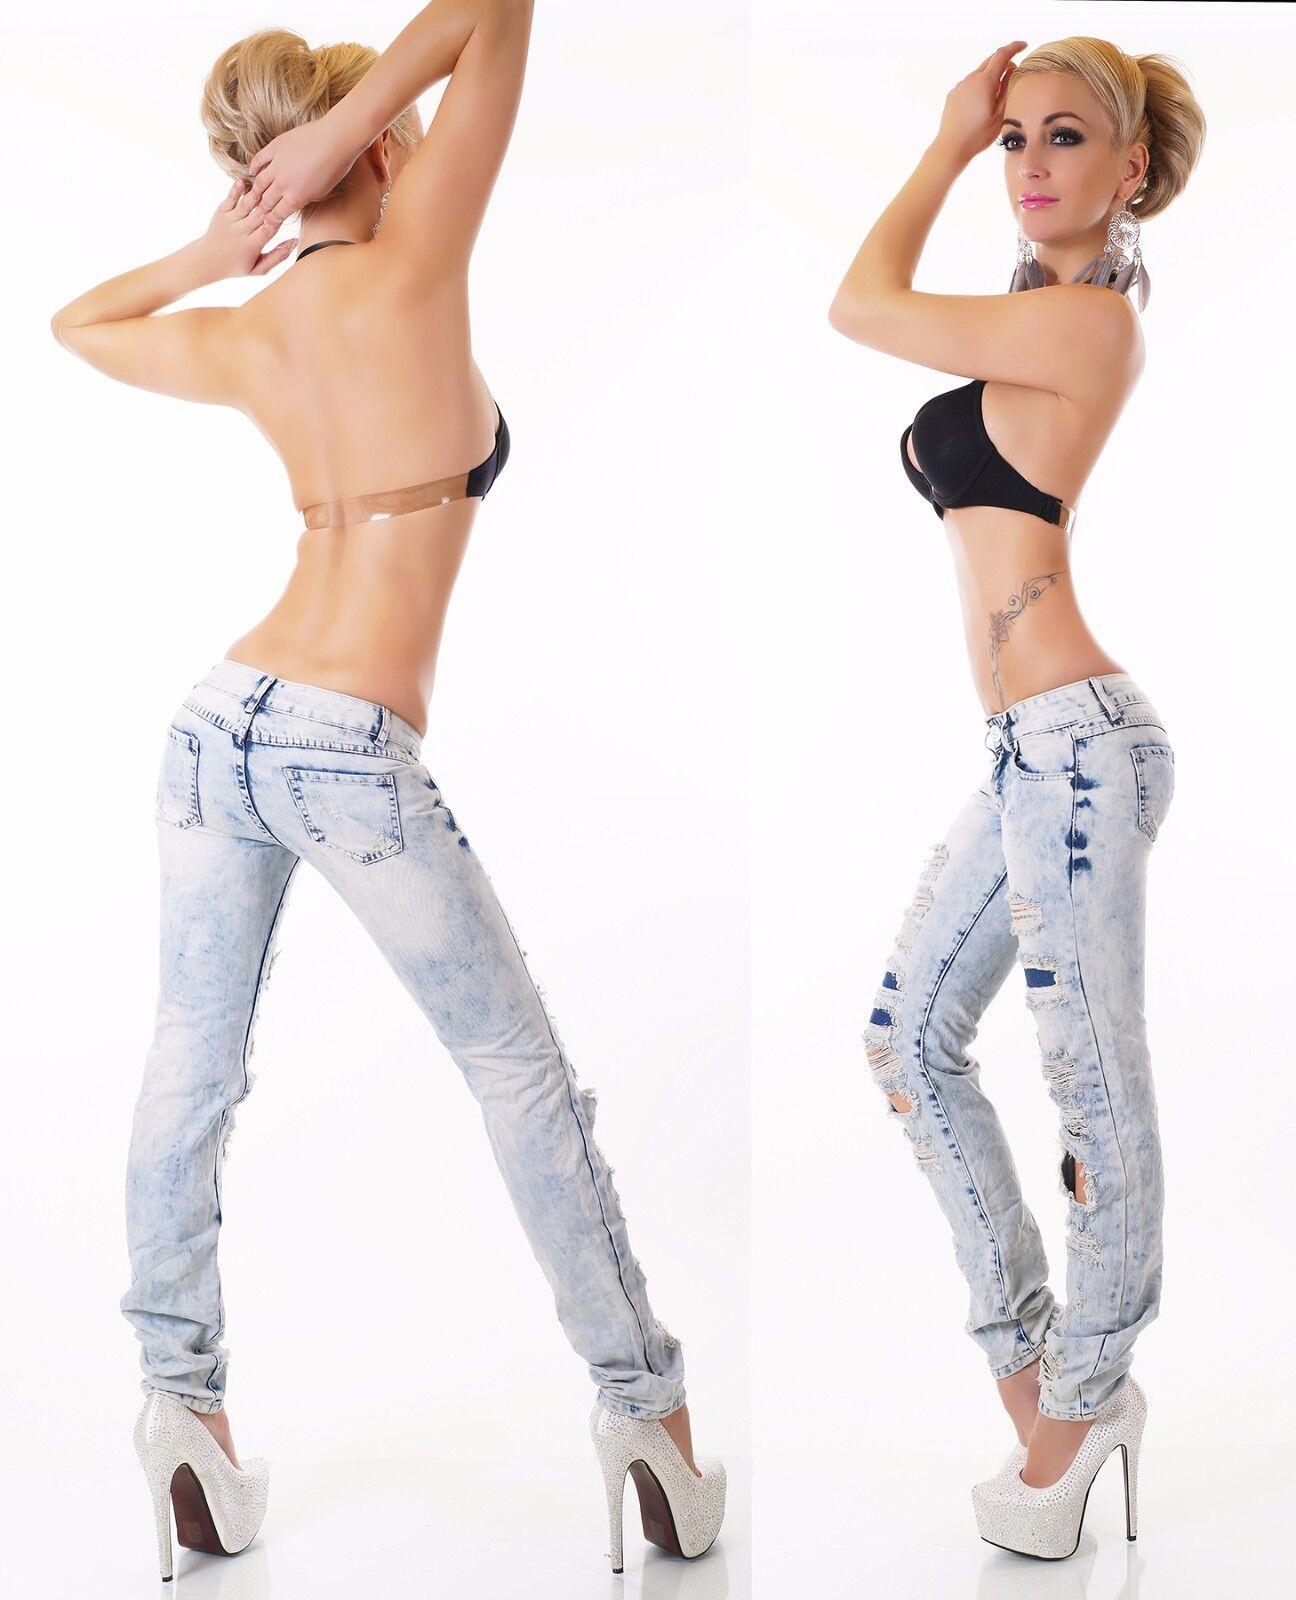 Femmes Hanche Jeans Pantalon 100% denim DETERIORE raccommoder Look Fissures Fissures Fissures cassé XS-XL baeb8e